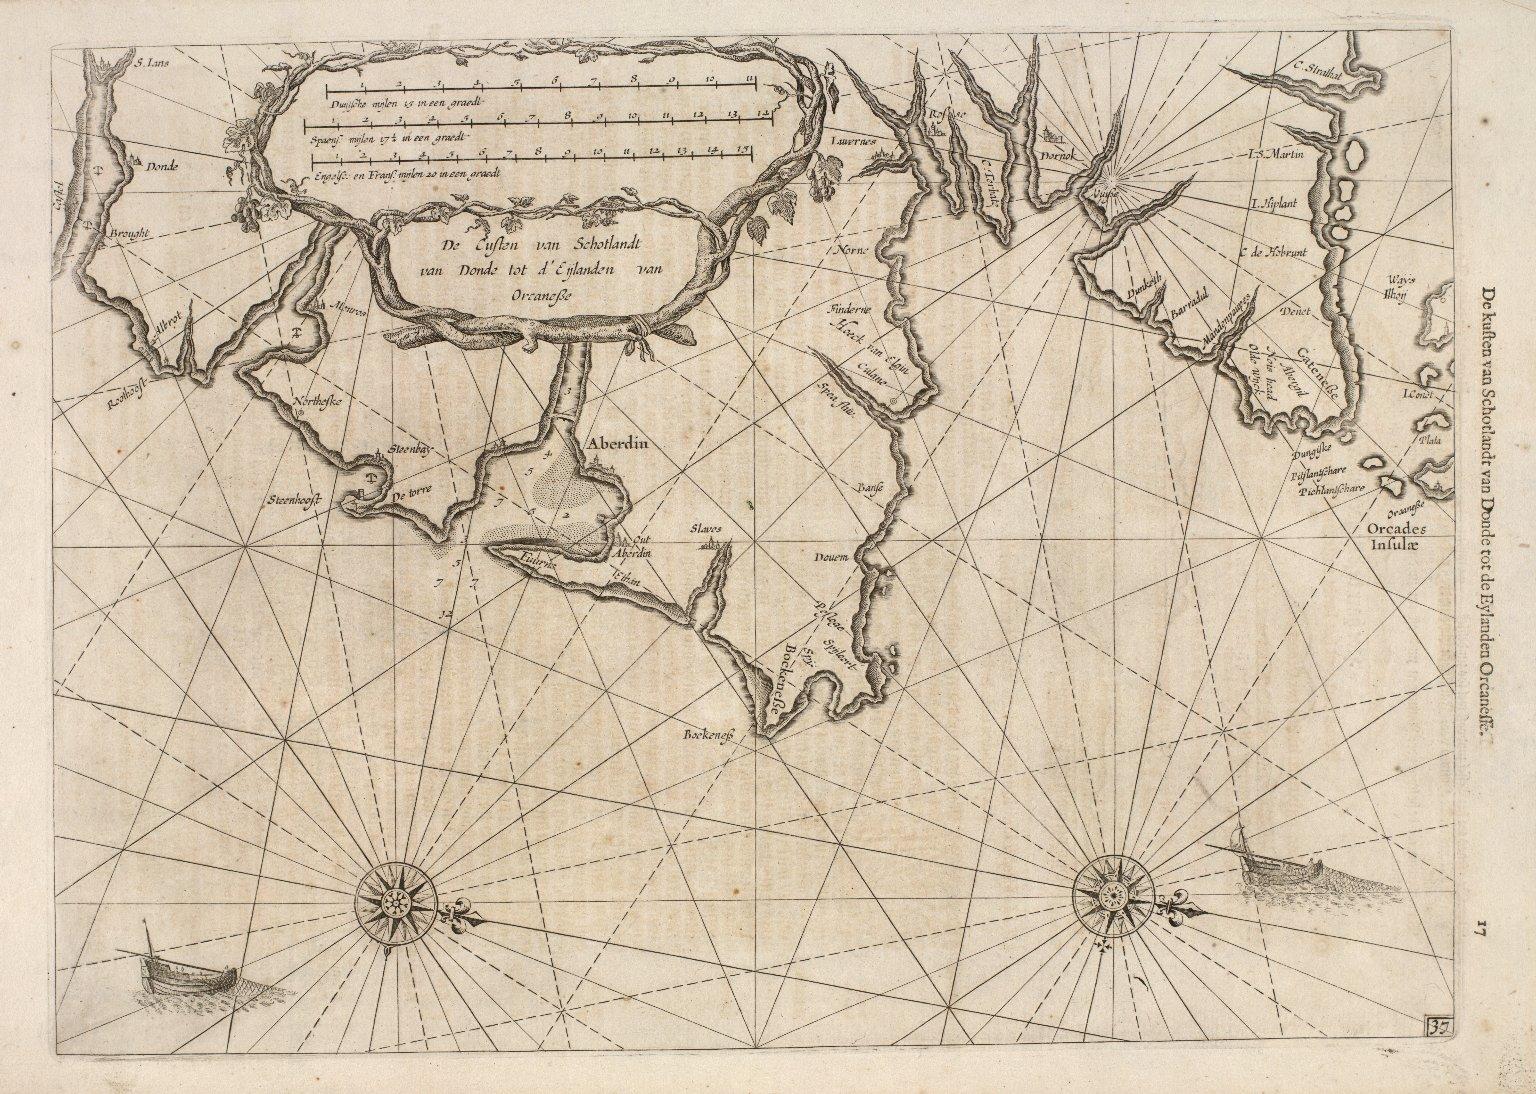 De Custen van Schotlandt van Donde tot d'Eijlanden van Orcanesse. [1 of 2]